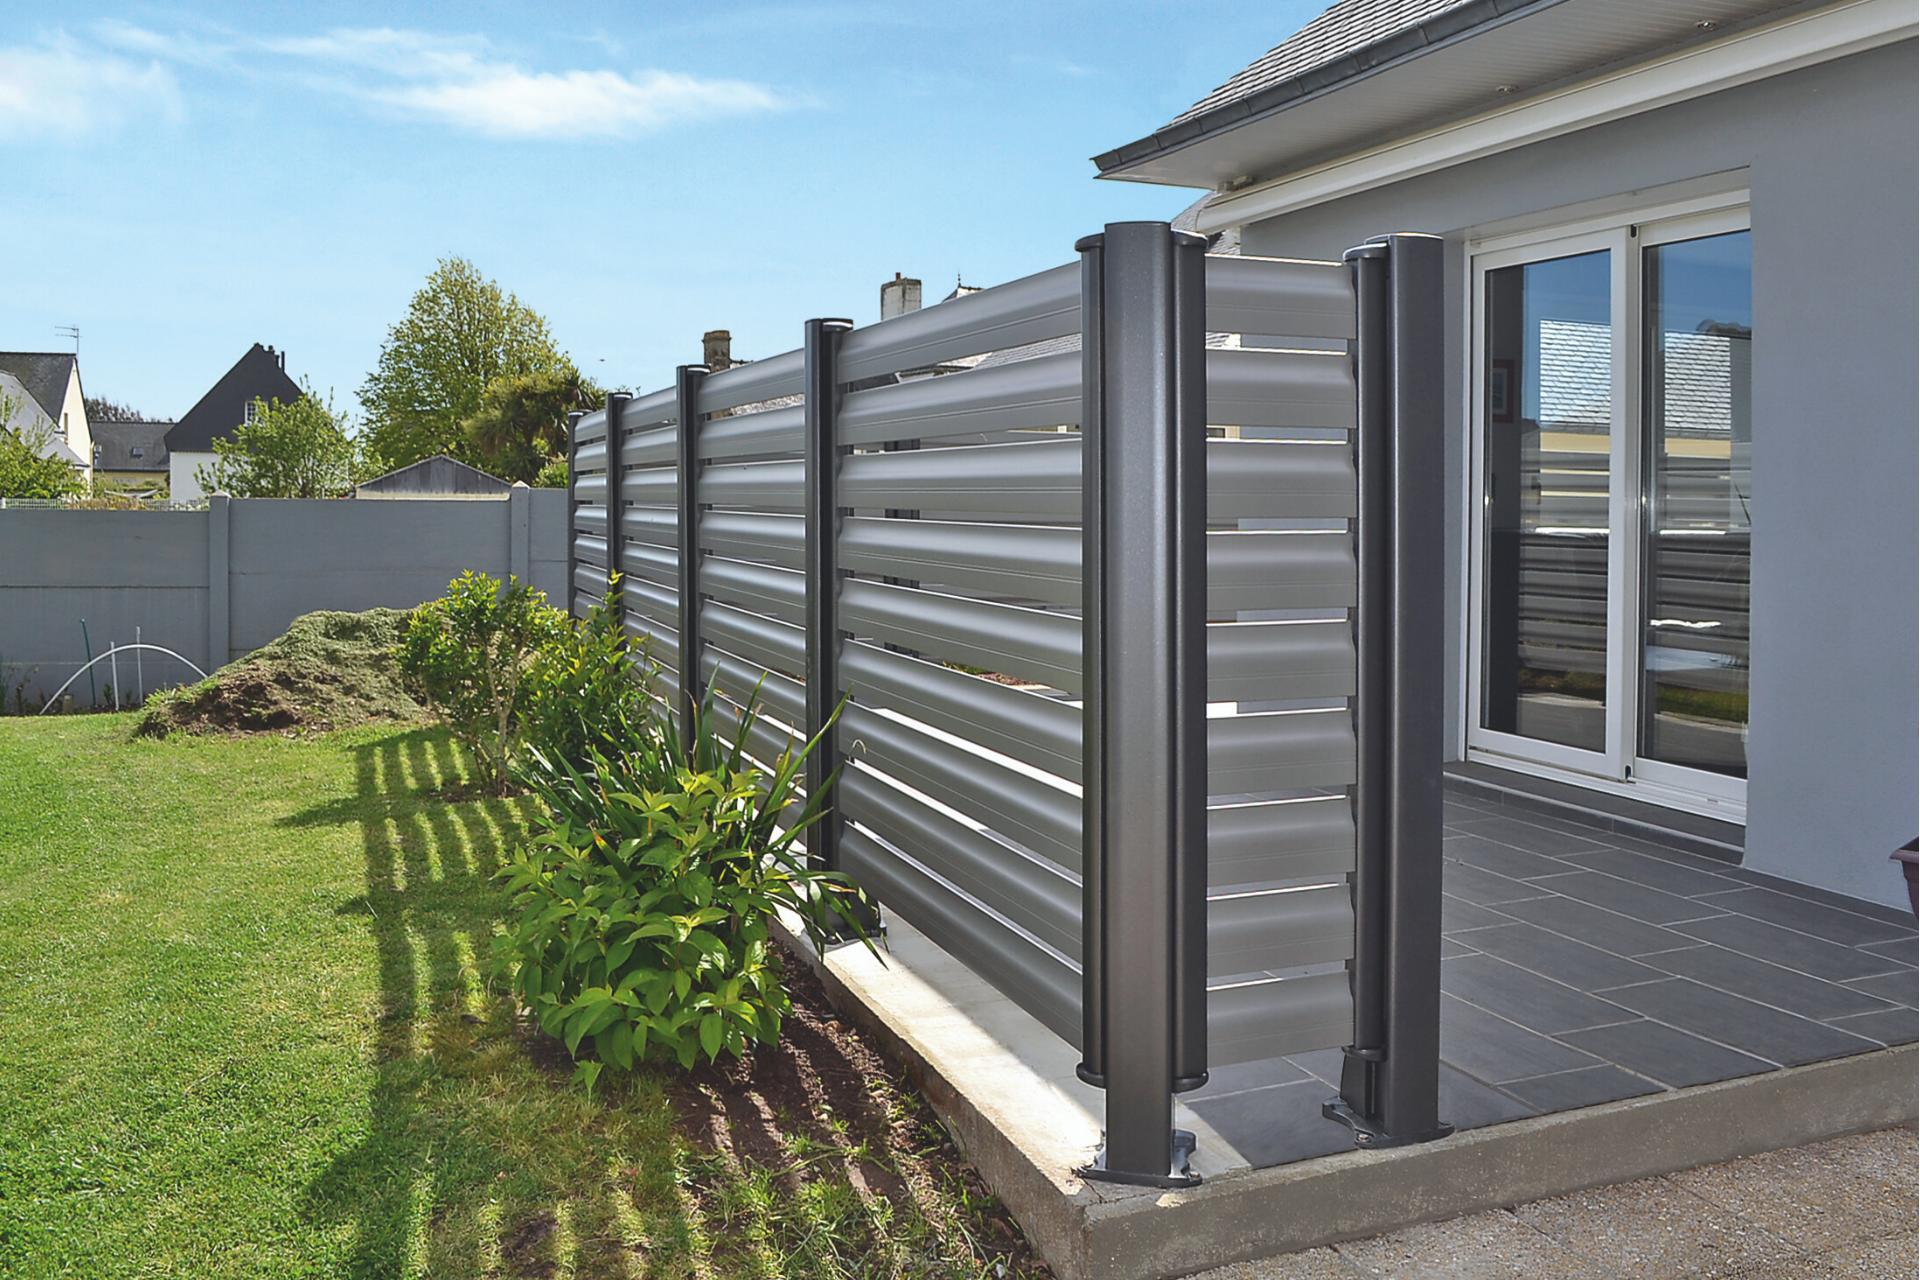 Claustra Aluminium Terrasse Cetal En 2020 Decoration Exterieur Brise Vue Terrasse